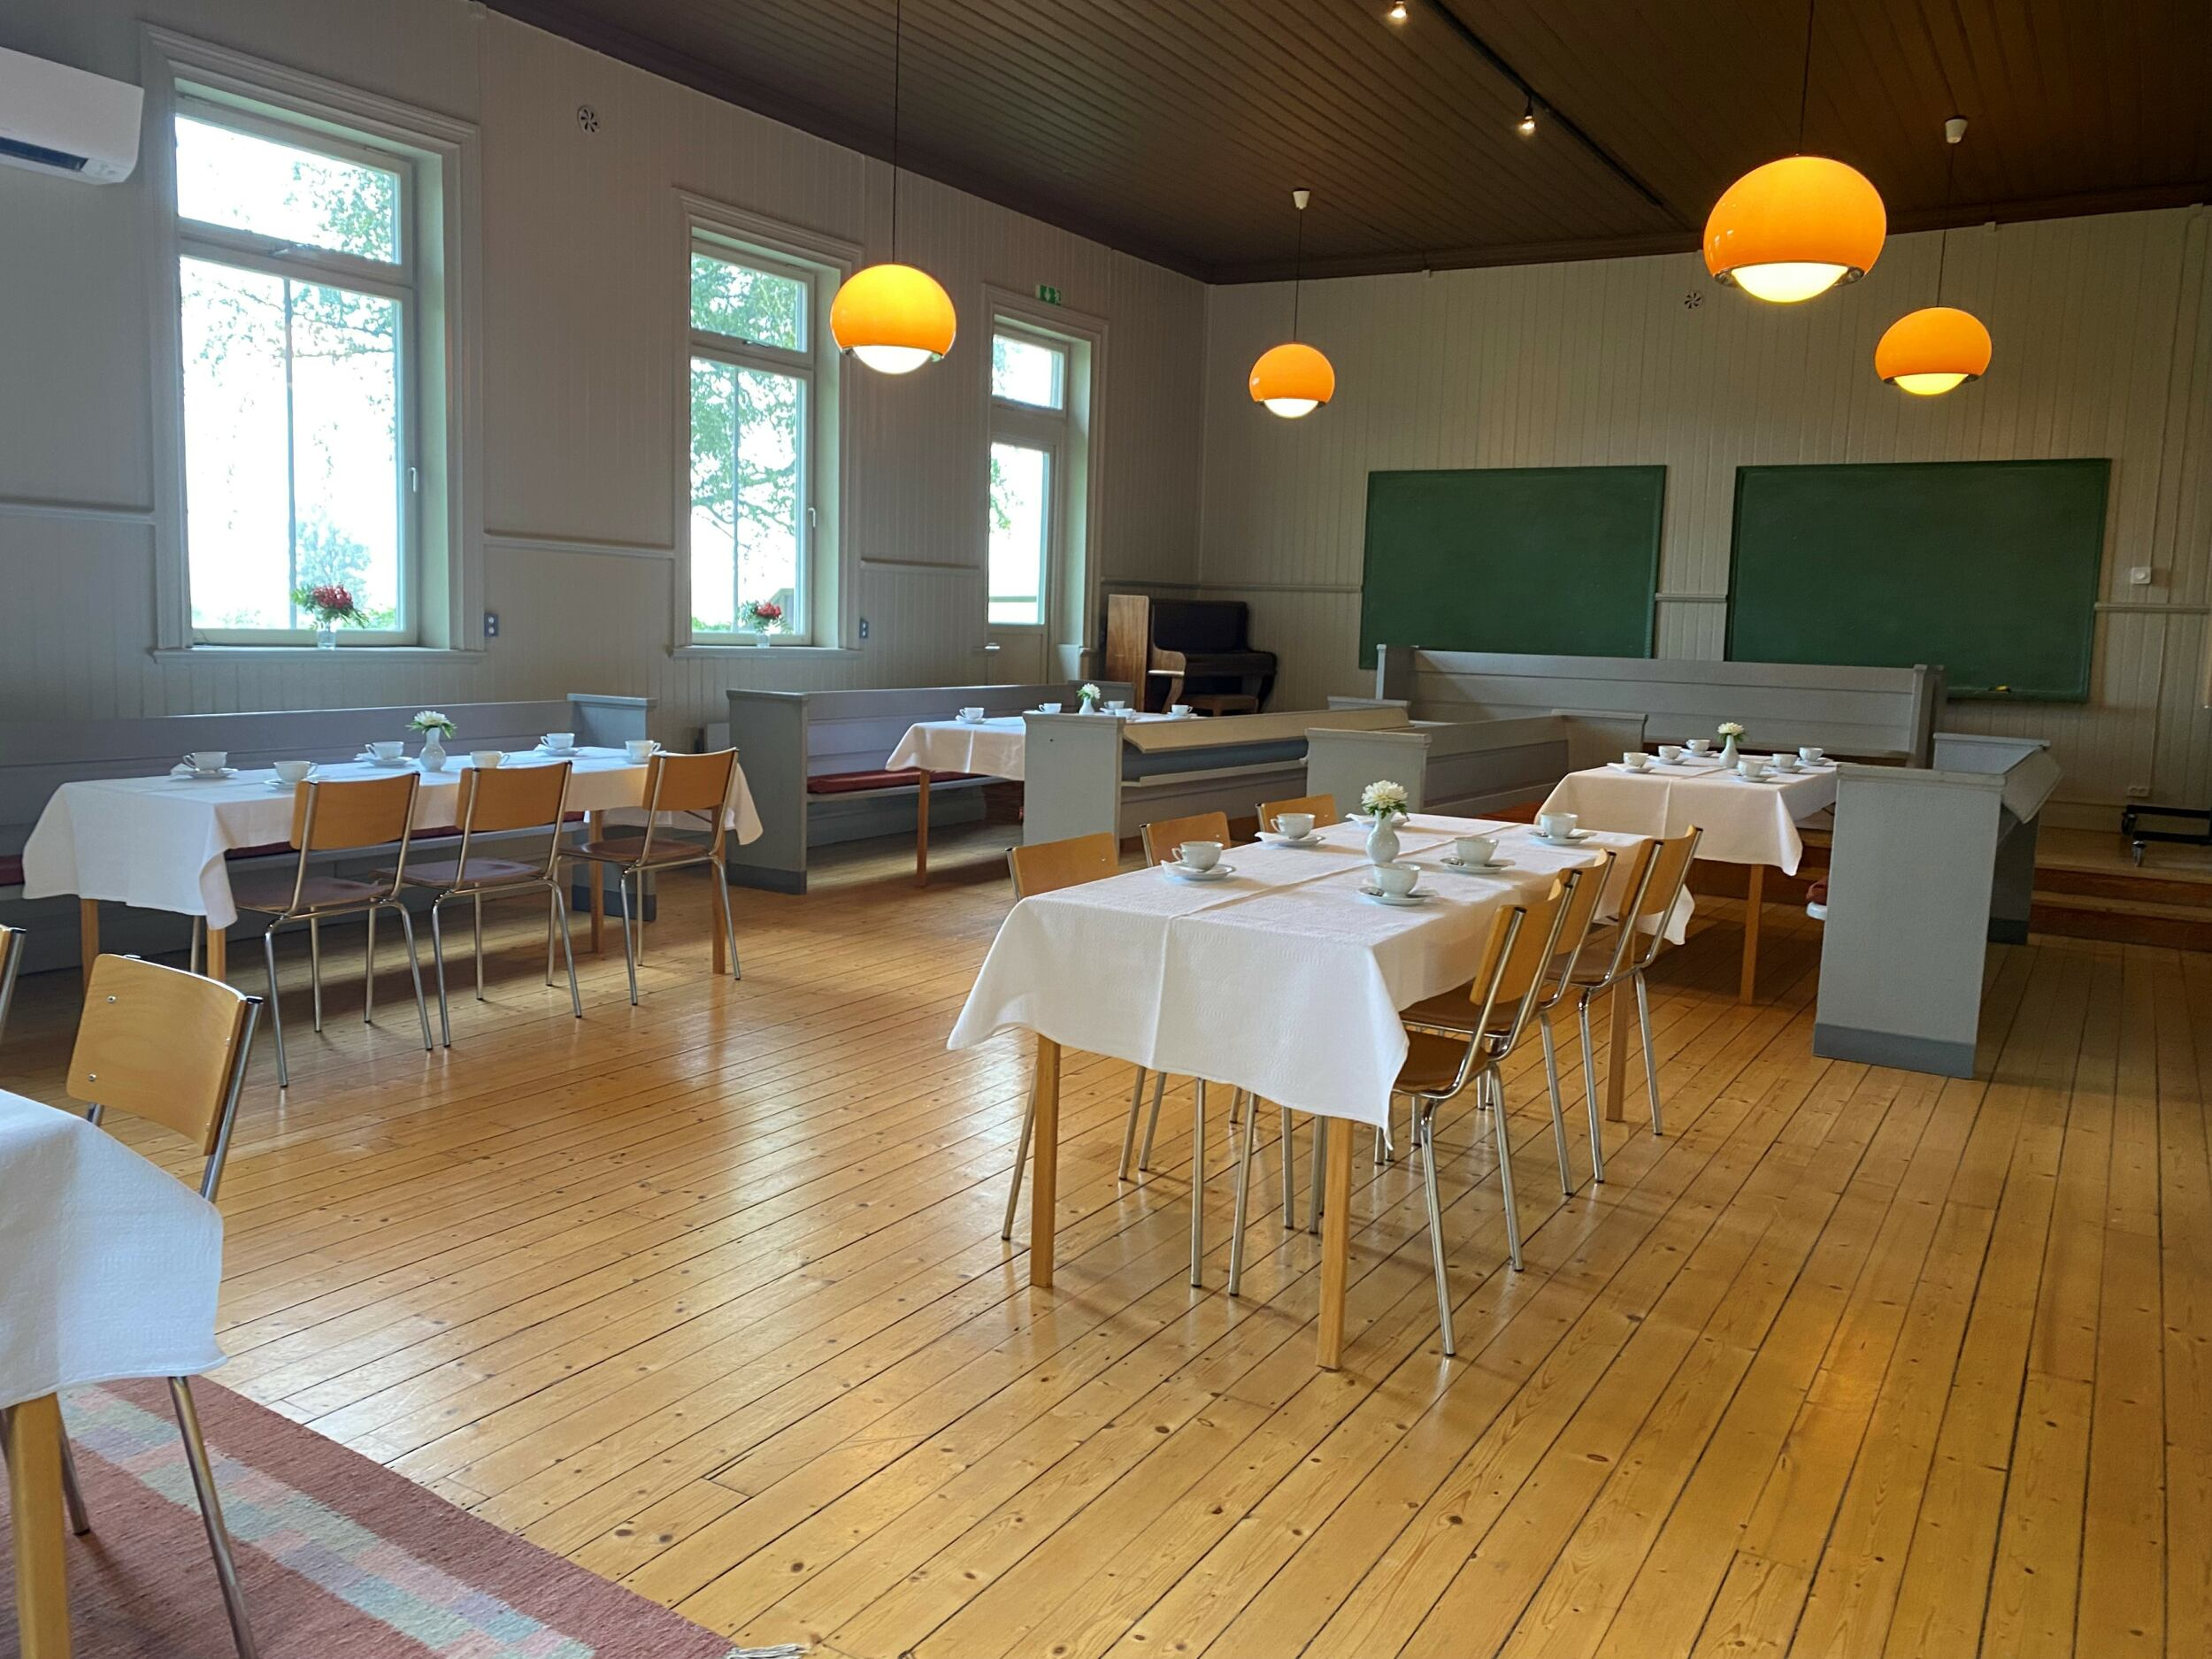 gamla kyrkskolan augusti interior 2